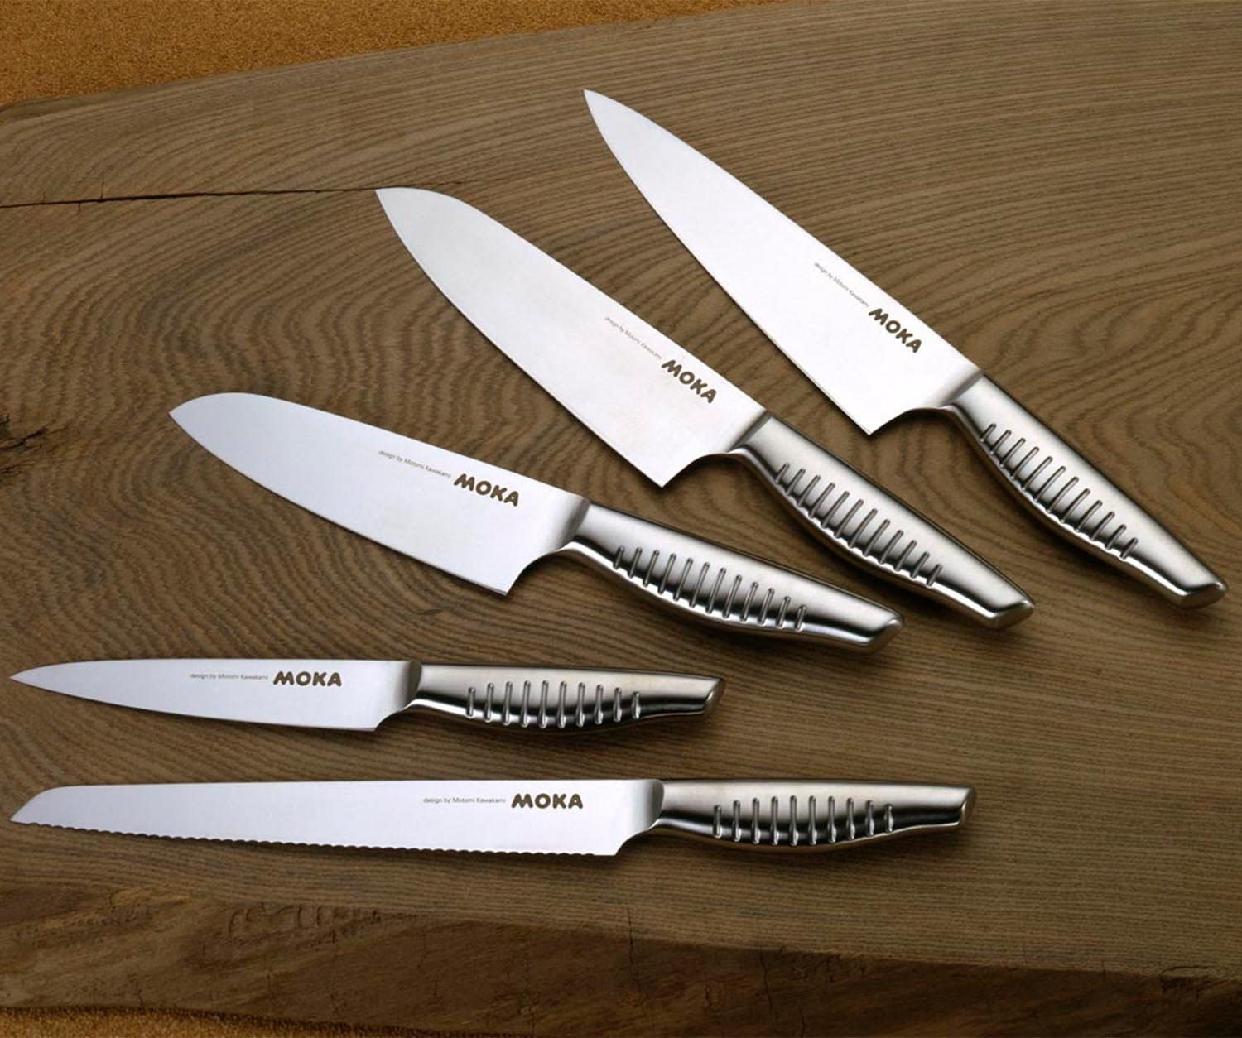 MOKA(モカ) ペティナイフ 58901 刃渡り130mmの商品画像2